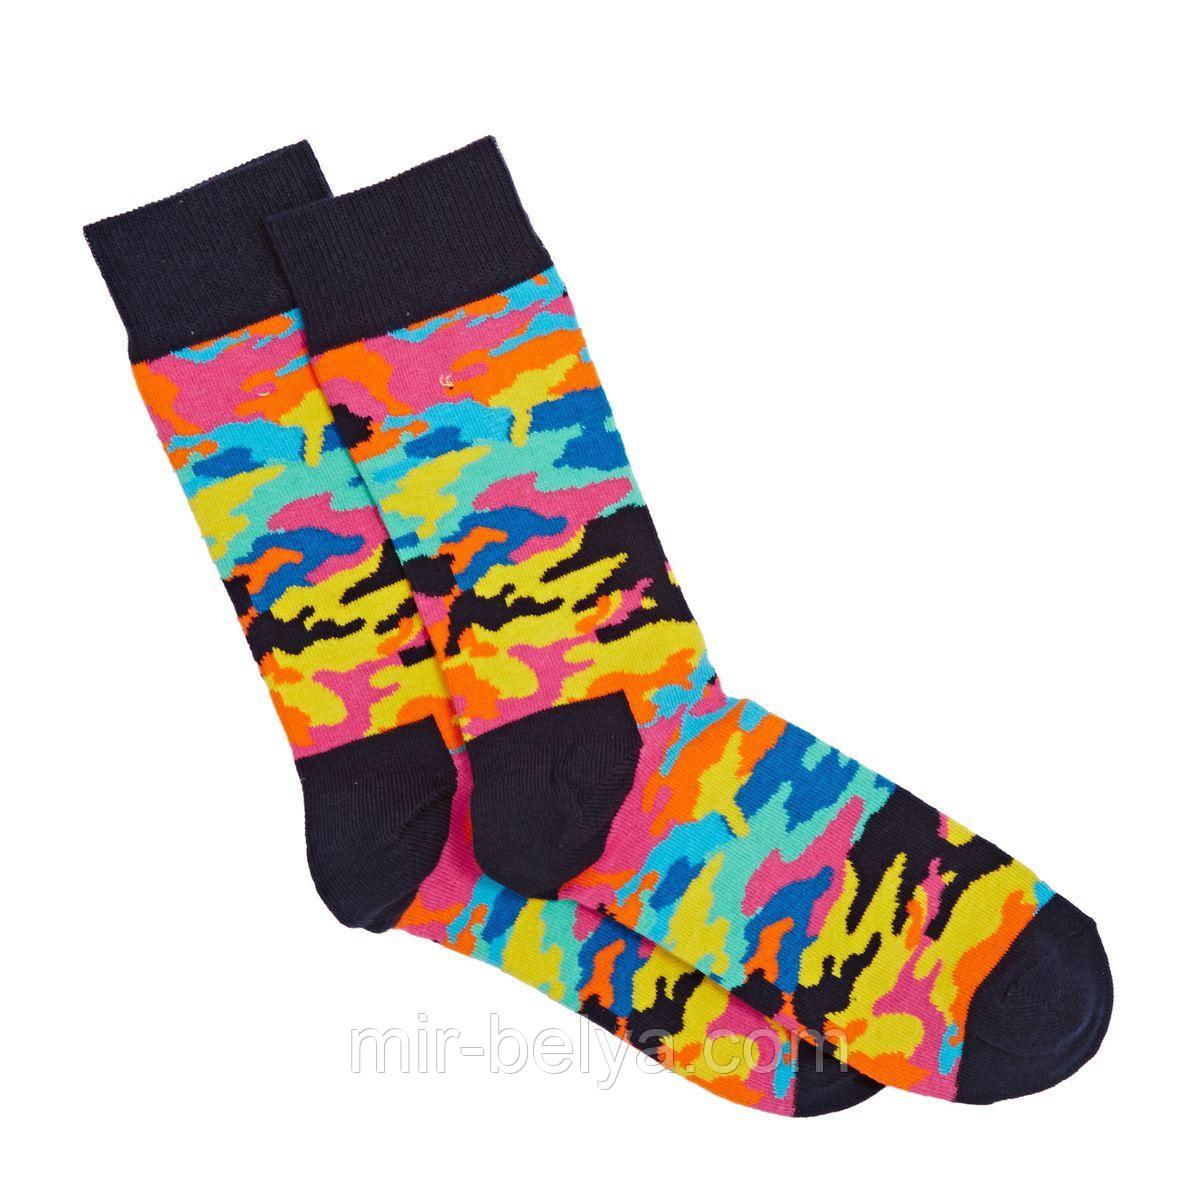 happy_socks_socks_happy_s__camo_socks_multi_camo.jpg